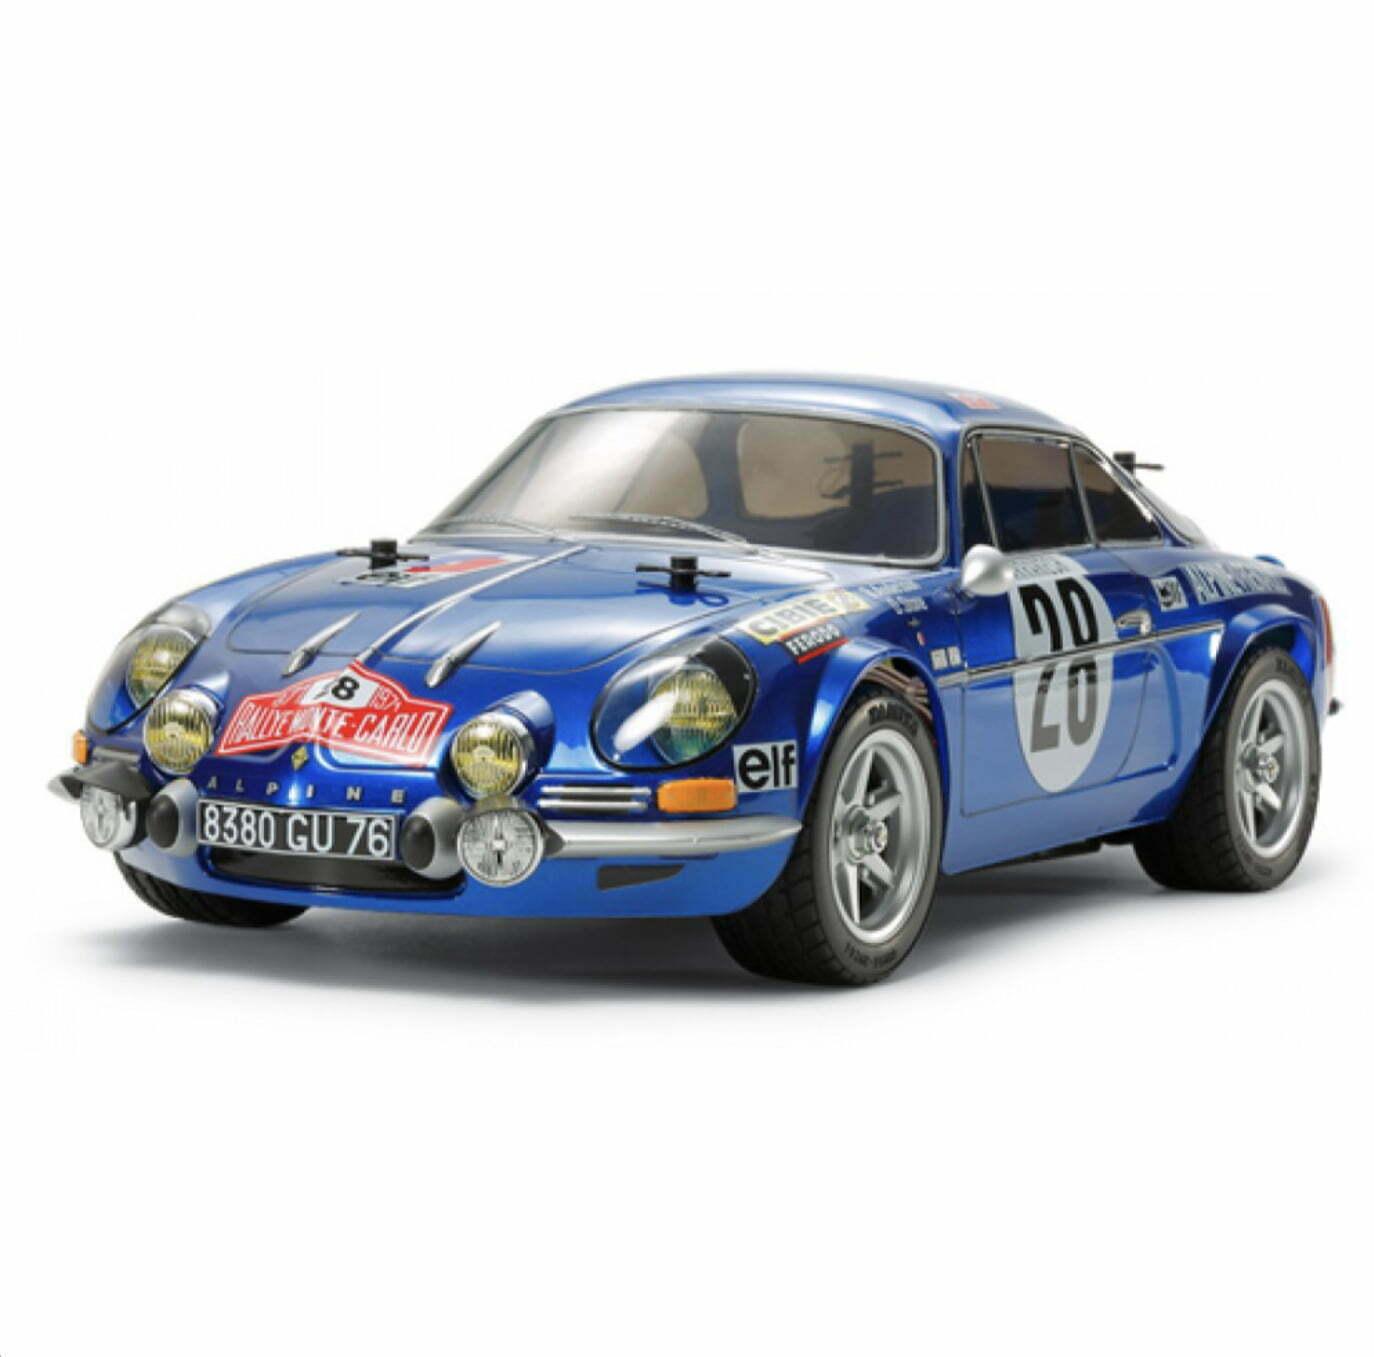 00FE51B6 E559 4097 A01C 5E23D66A3352 | Rallye Monte Carlo 1971 : Sa majesté Alpine.